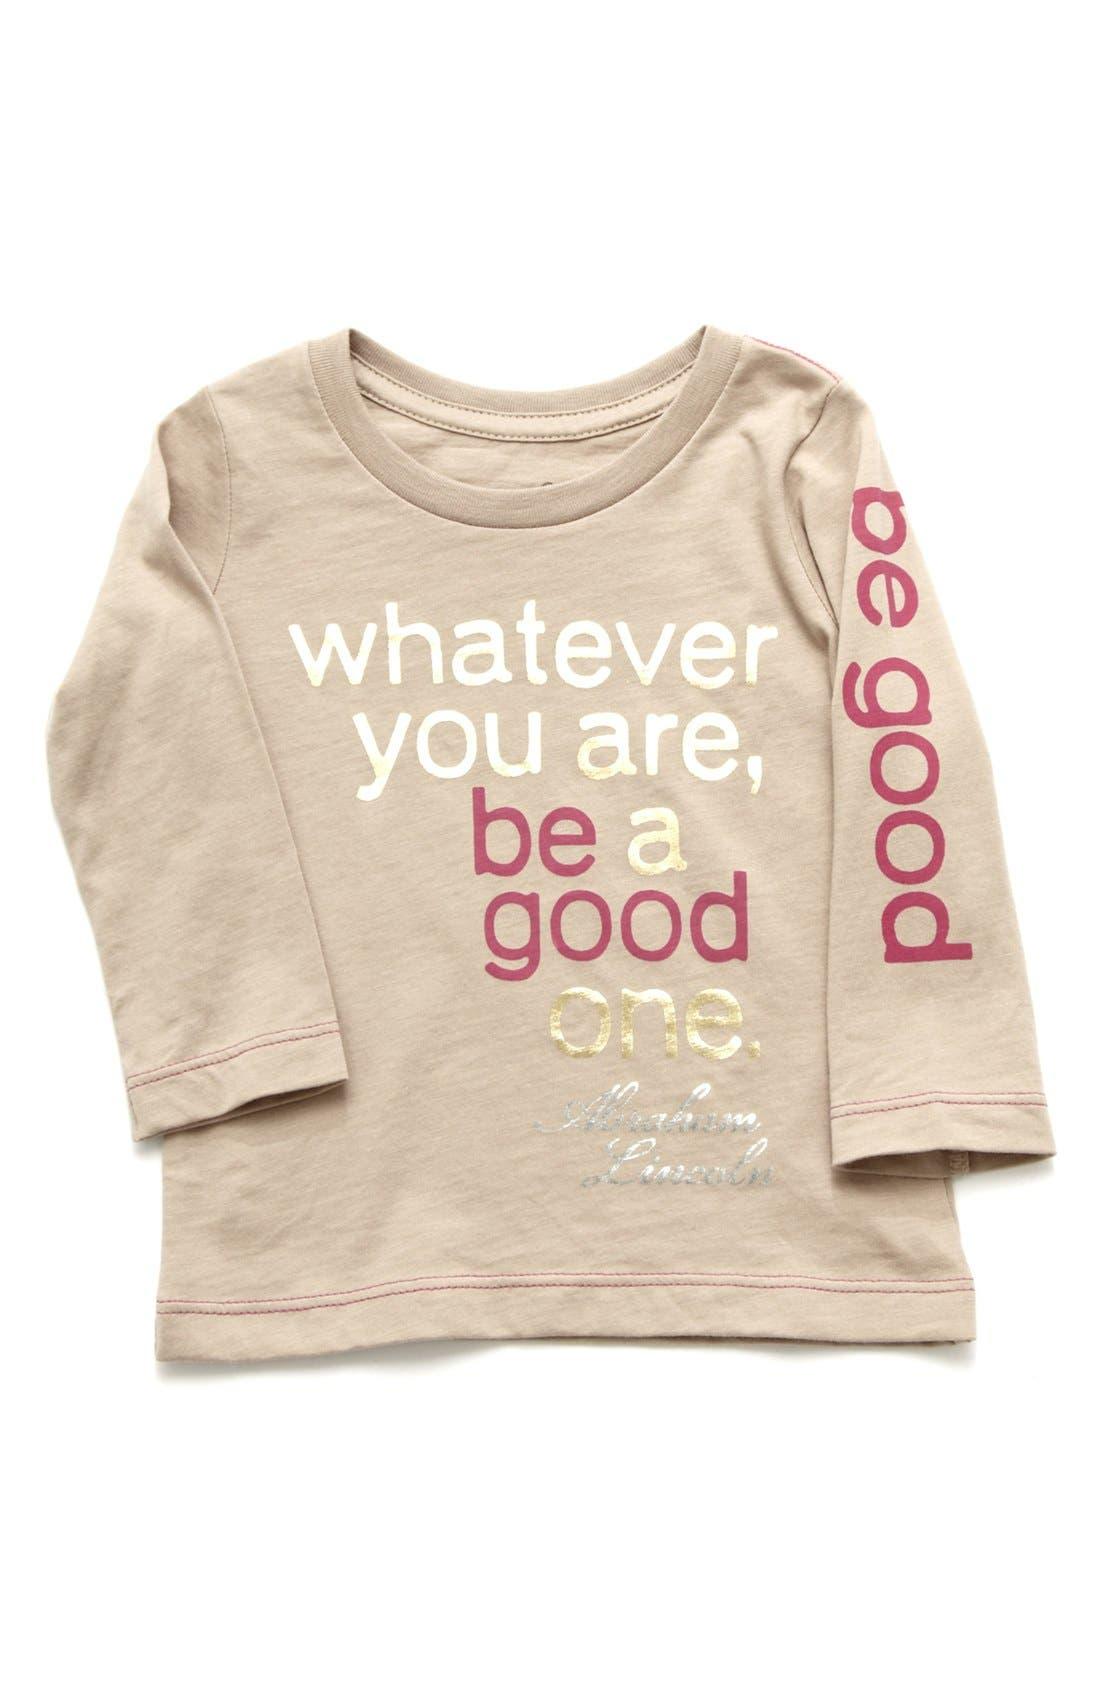 Alternate Image 1 Selected - Peek 'Be Good' Tee (Toddler Girls, Little Girls & Big Girls)